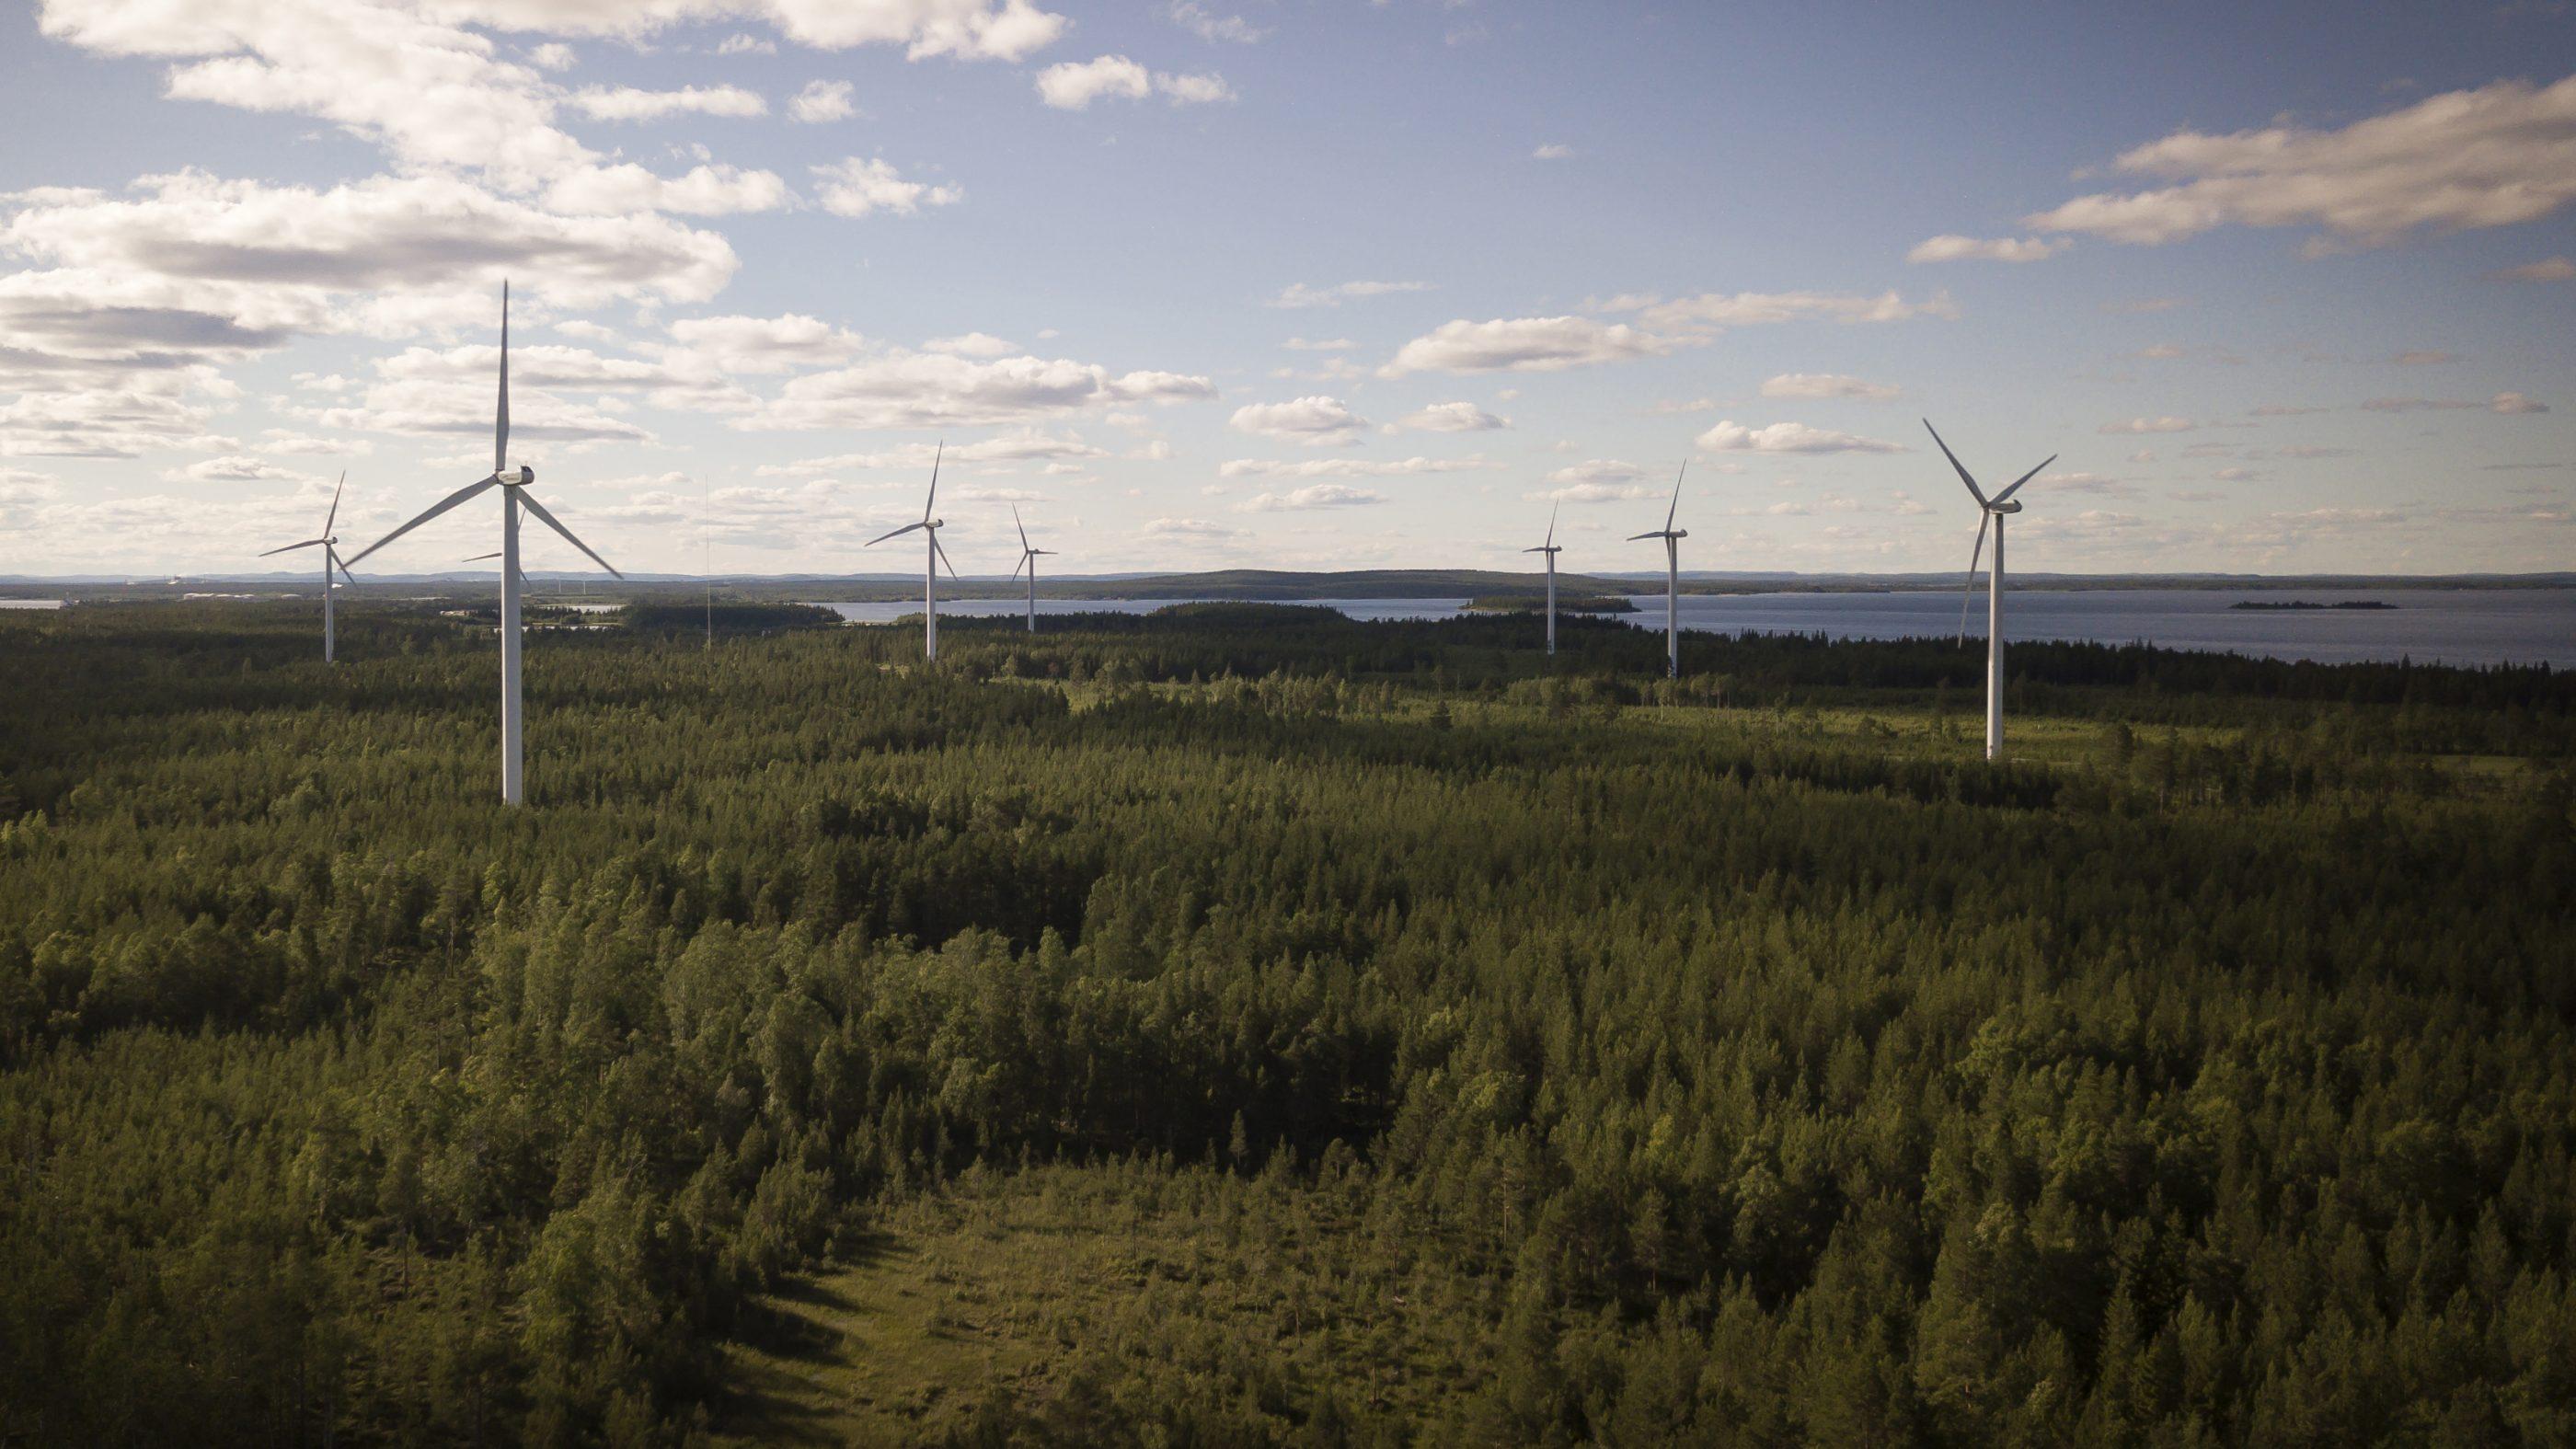 Snellman saavutti tärkeän virstanpylvään: Toimintaa nyt kokonaan uusiutuvien energiamuotojen varassa 2